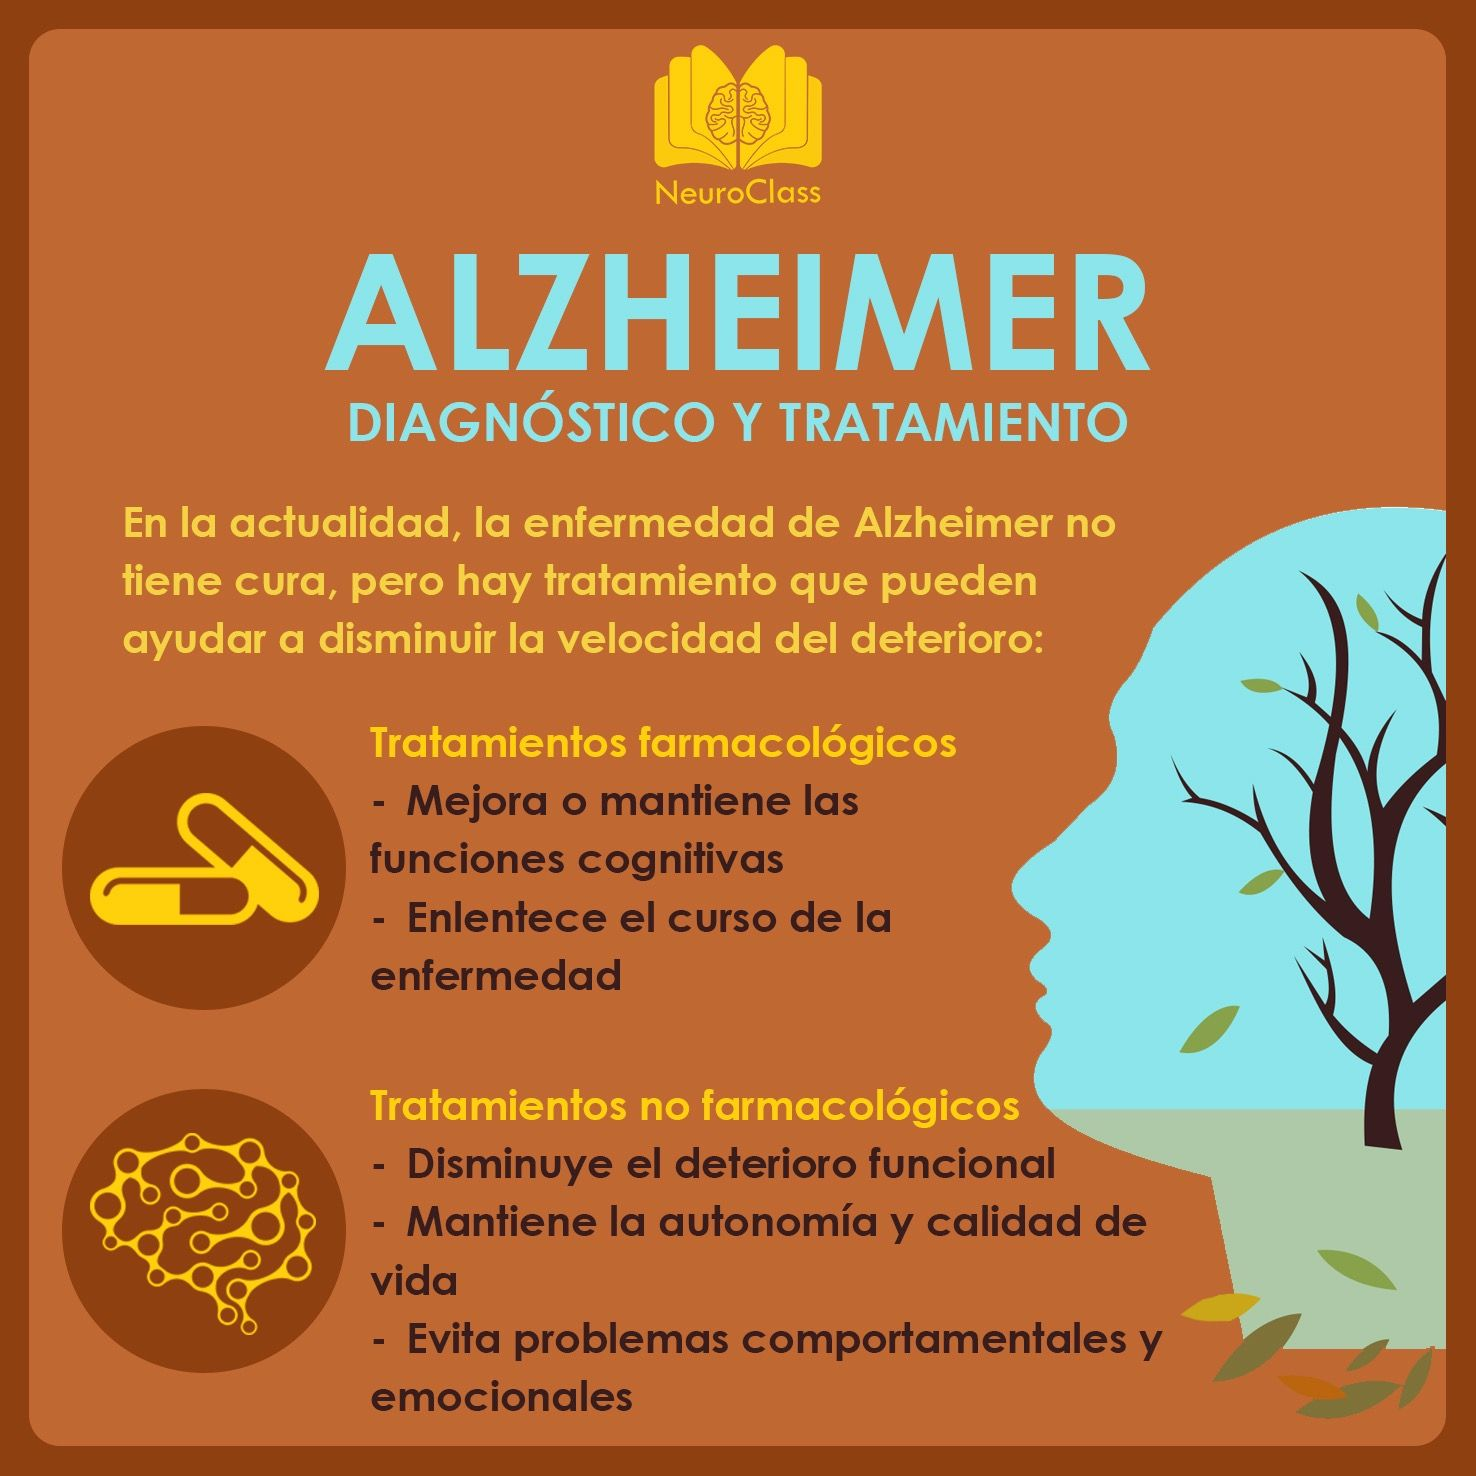 Alzheimer: diagnóstico y tratamiento